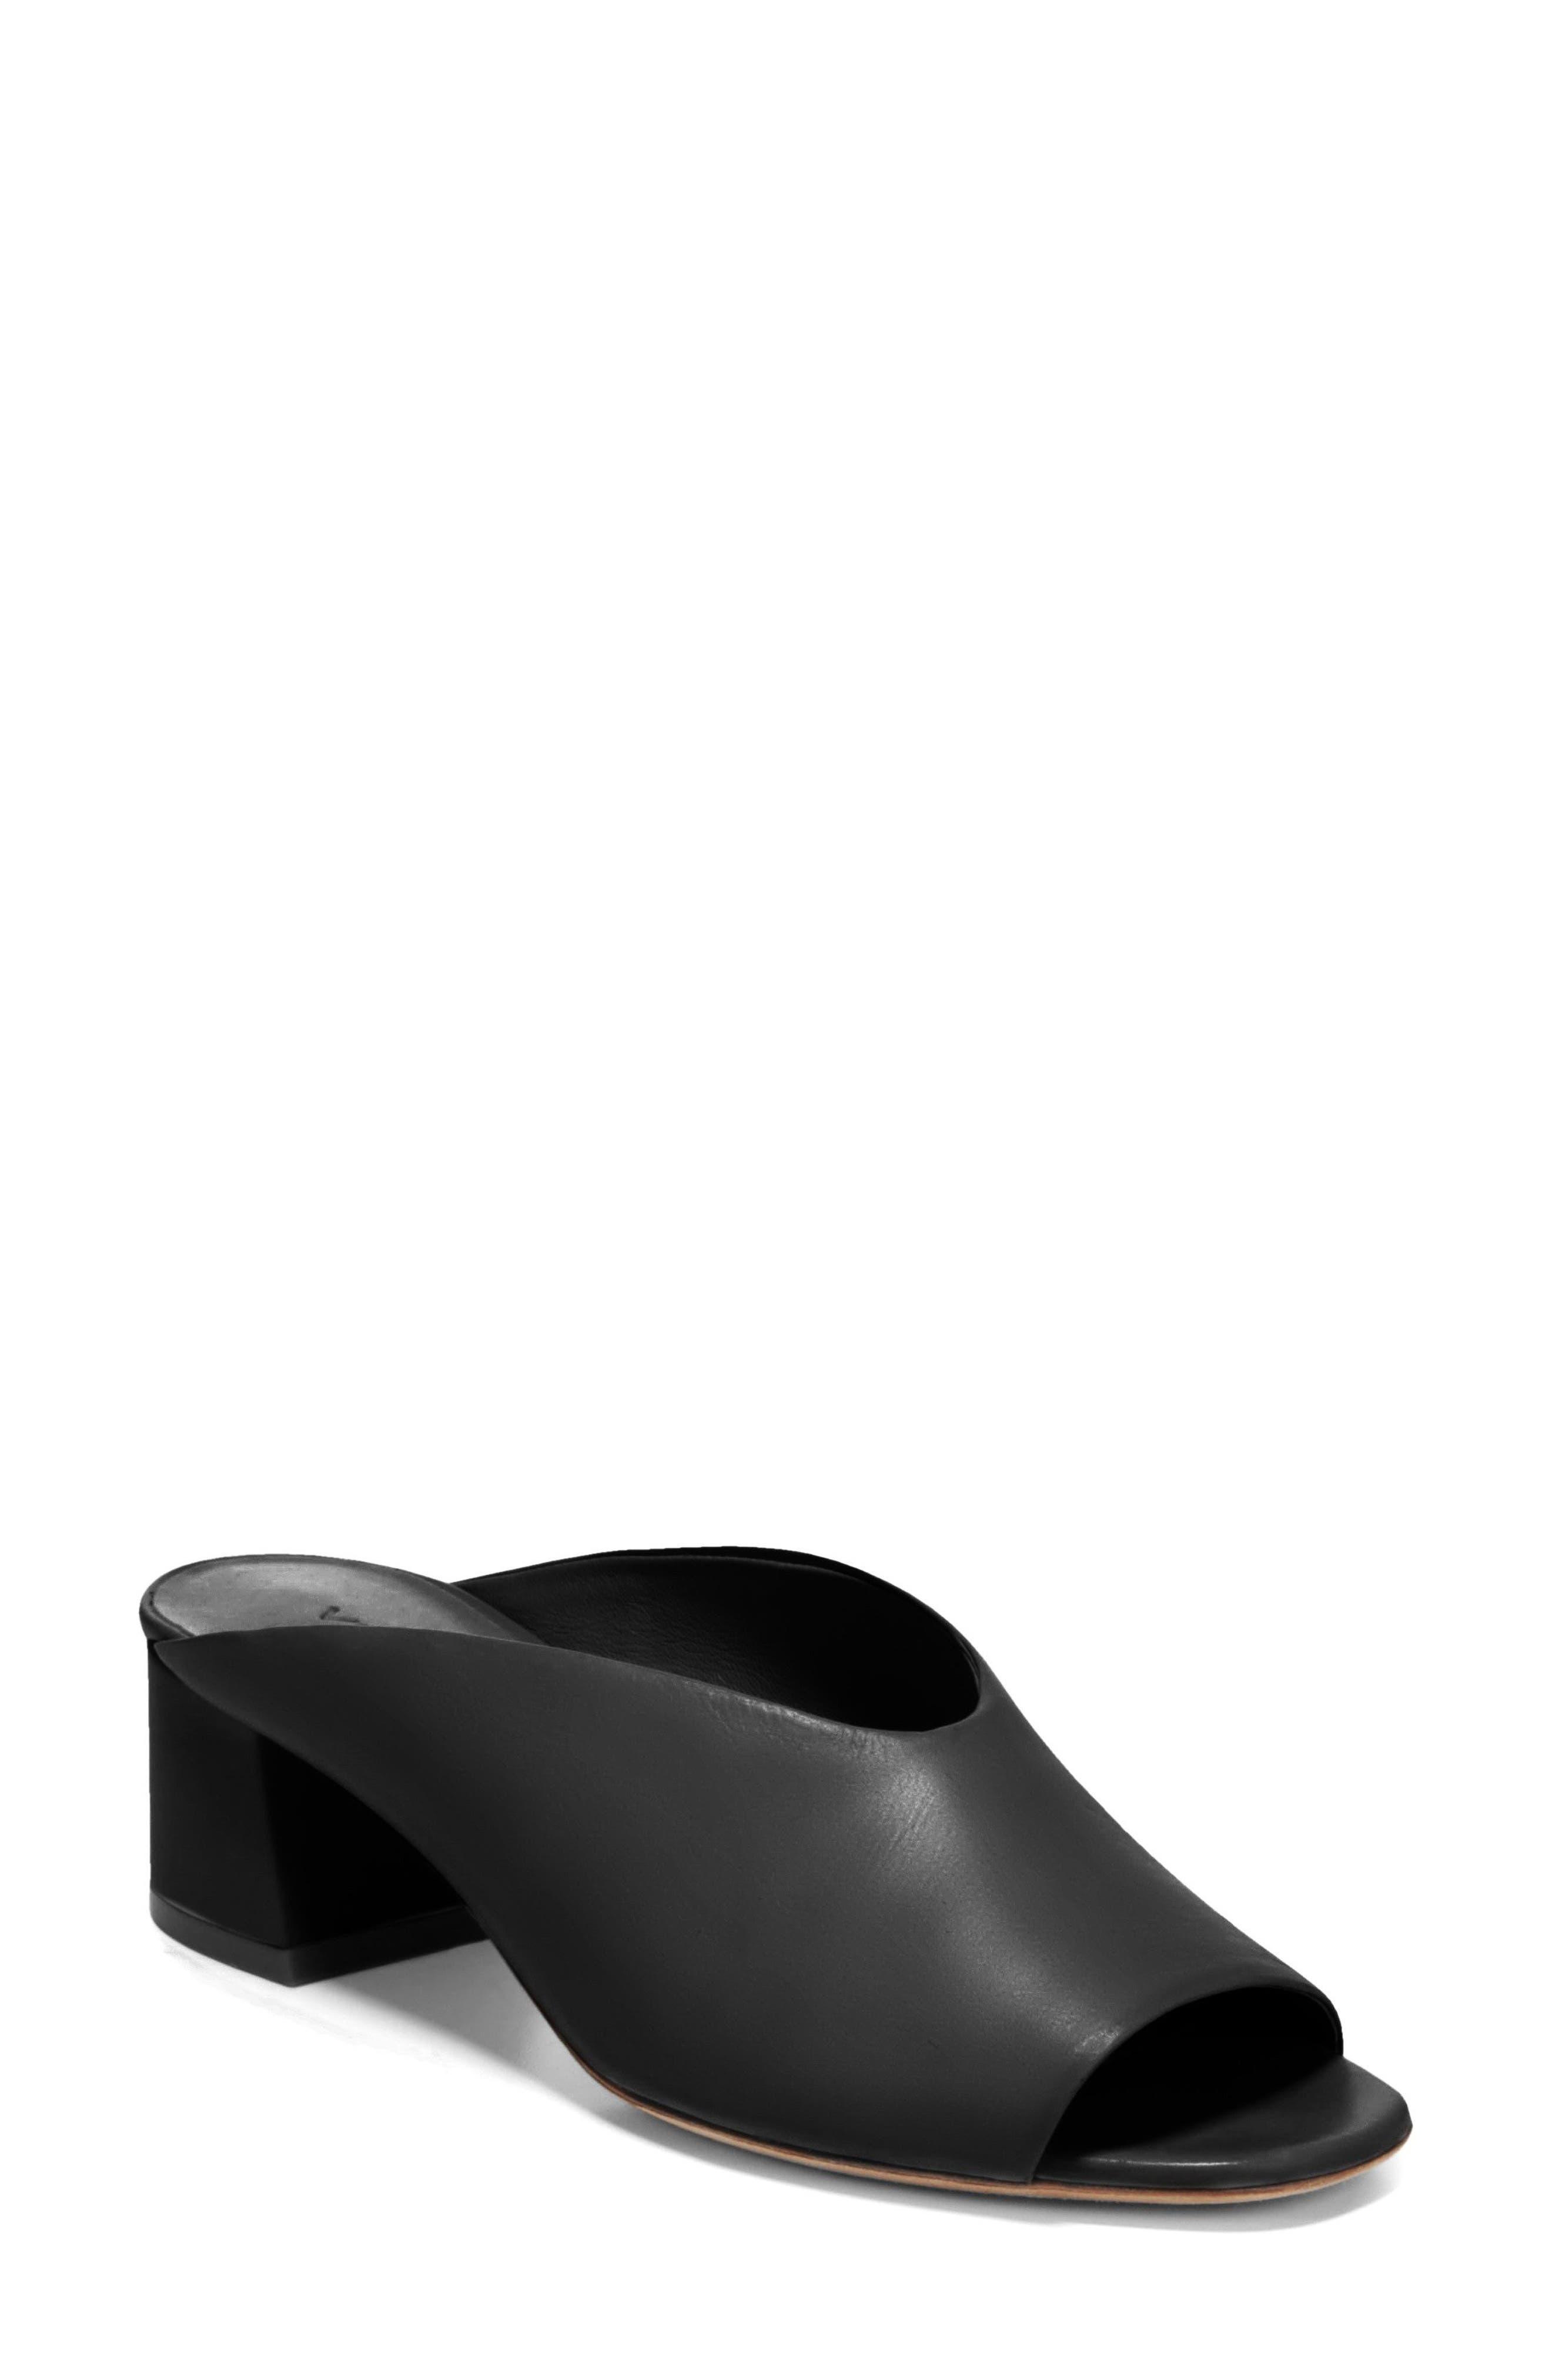 Cachet Sandal,                         Main,                         color, 001